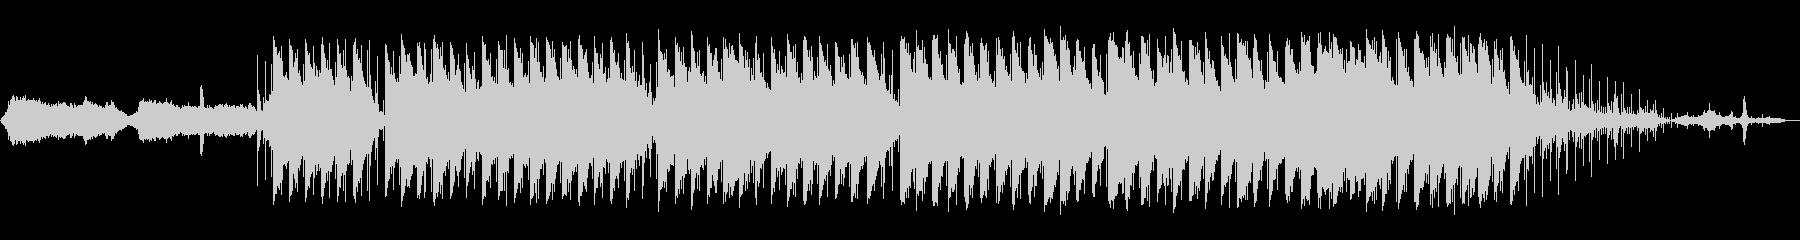 エレクトロニック 説明的 静か 平...の未再生の波形